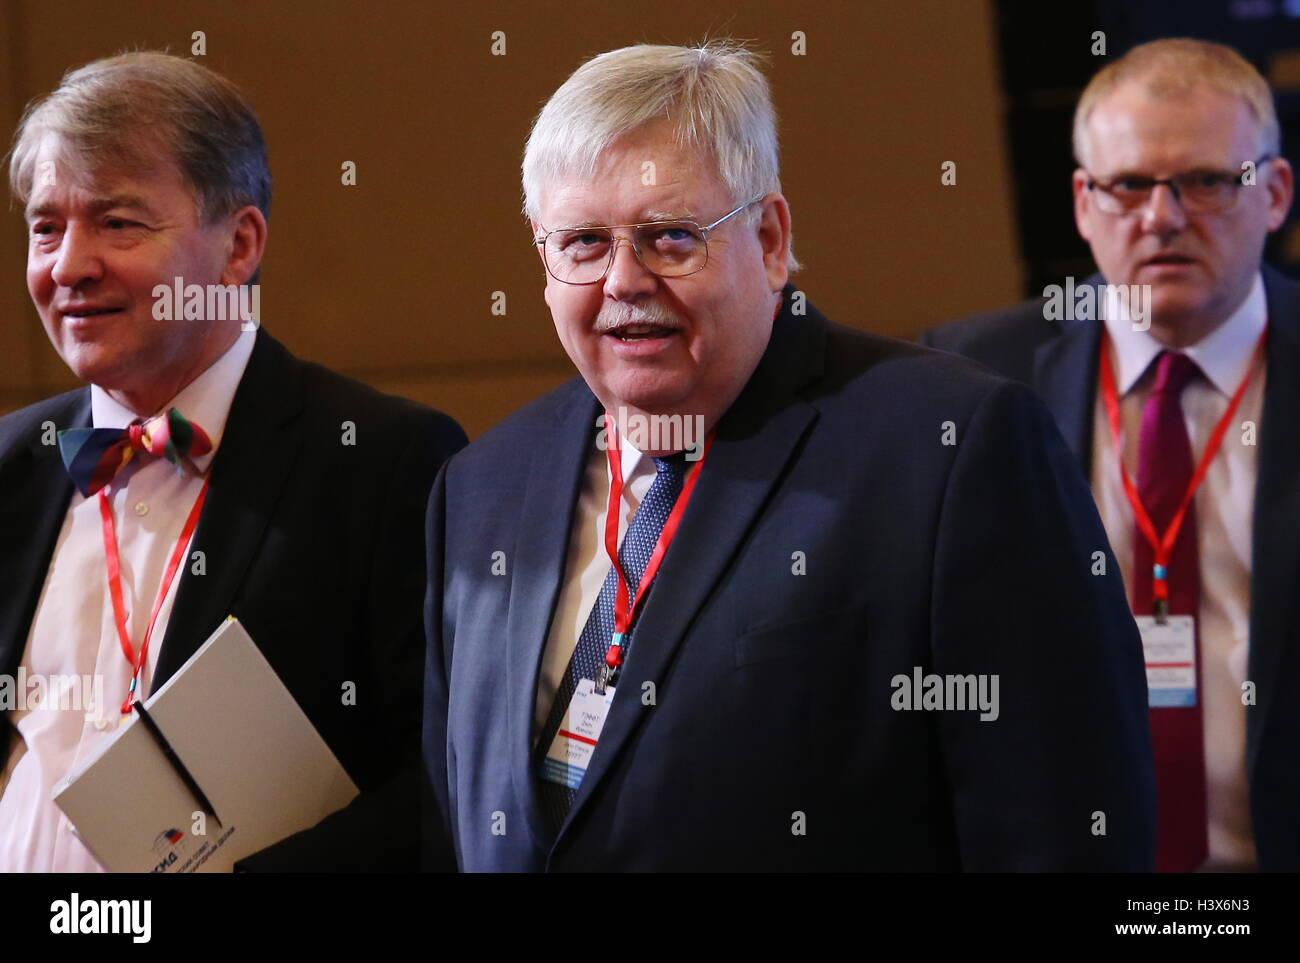 Moscú, Rusia. 13 Oct, 2016. El Embajador de Estados Unidos en Rusia, John Tefft (C) en una conferencia titulada Imagen De Stock